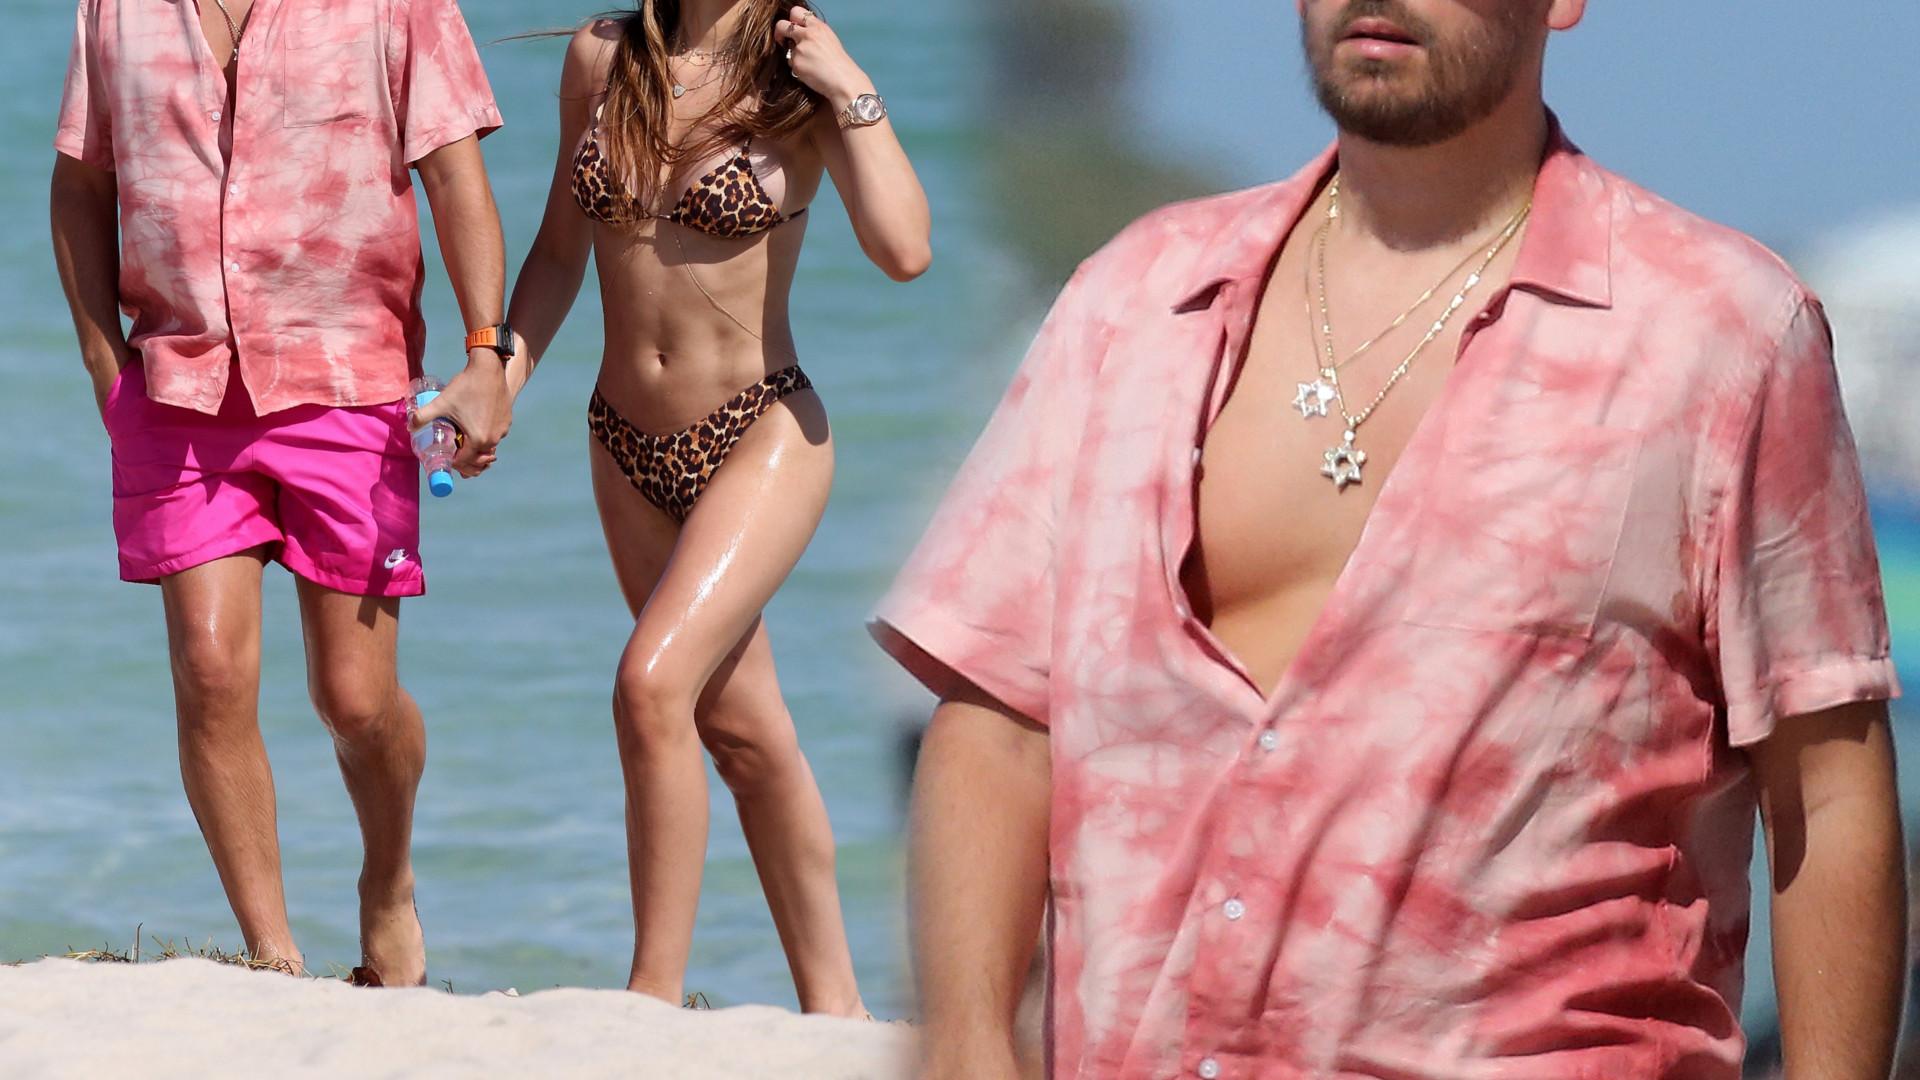 Scott Disick w BLOND włosach spaceruje po plaży z nową dziewczyną (FOTO)